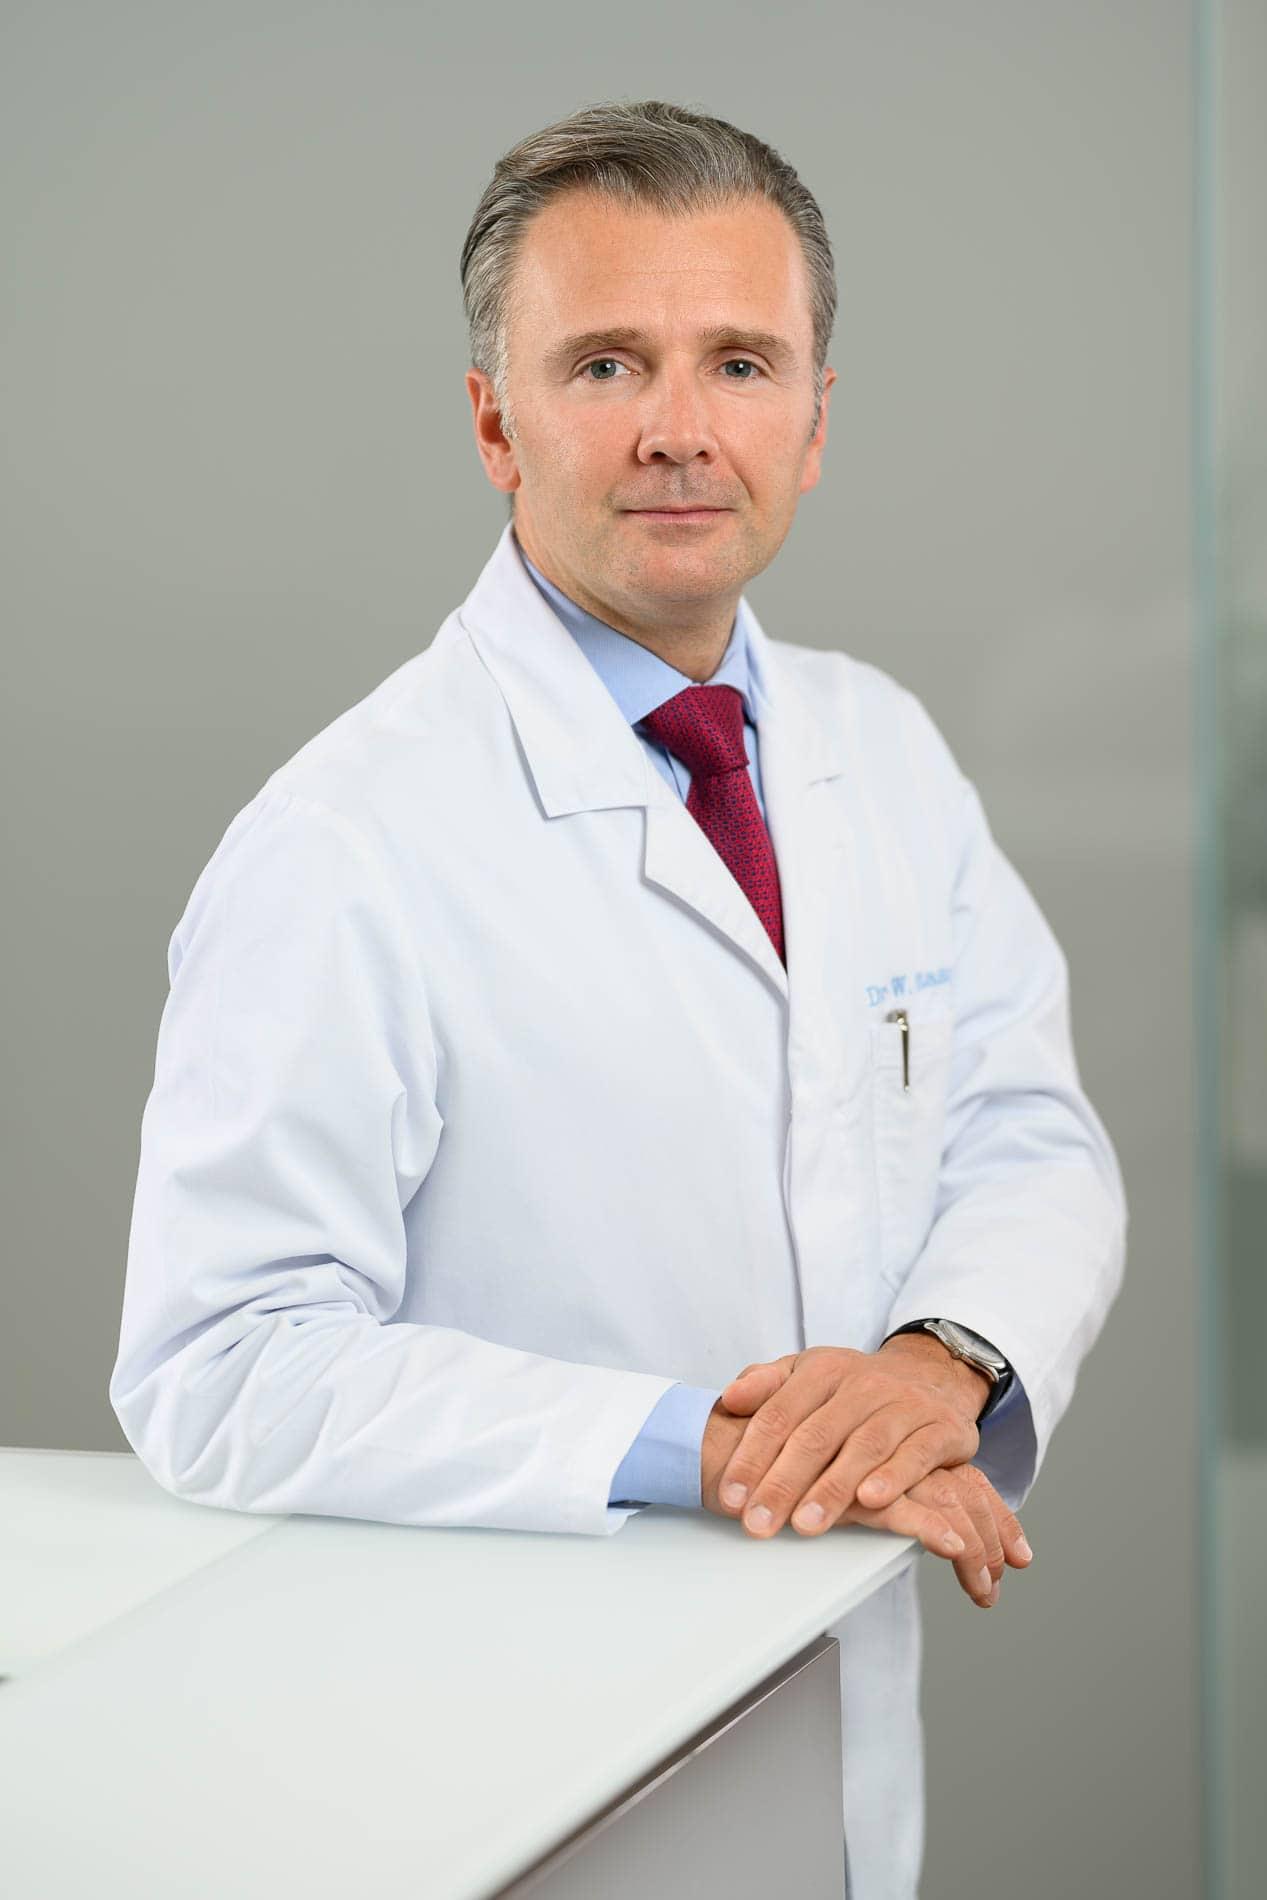 Private Practice - Dr Wojciech Staszewicz